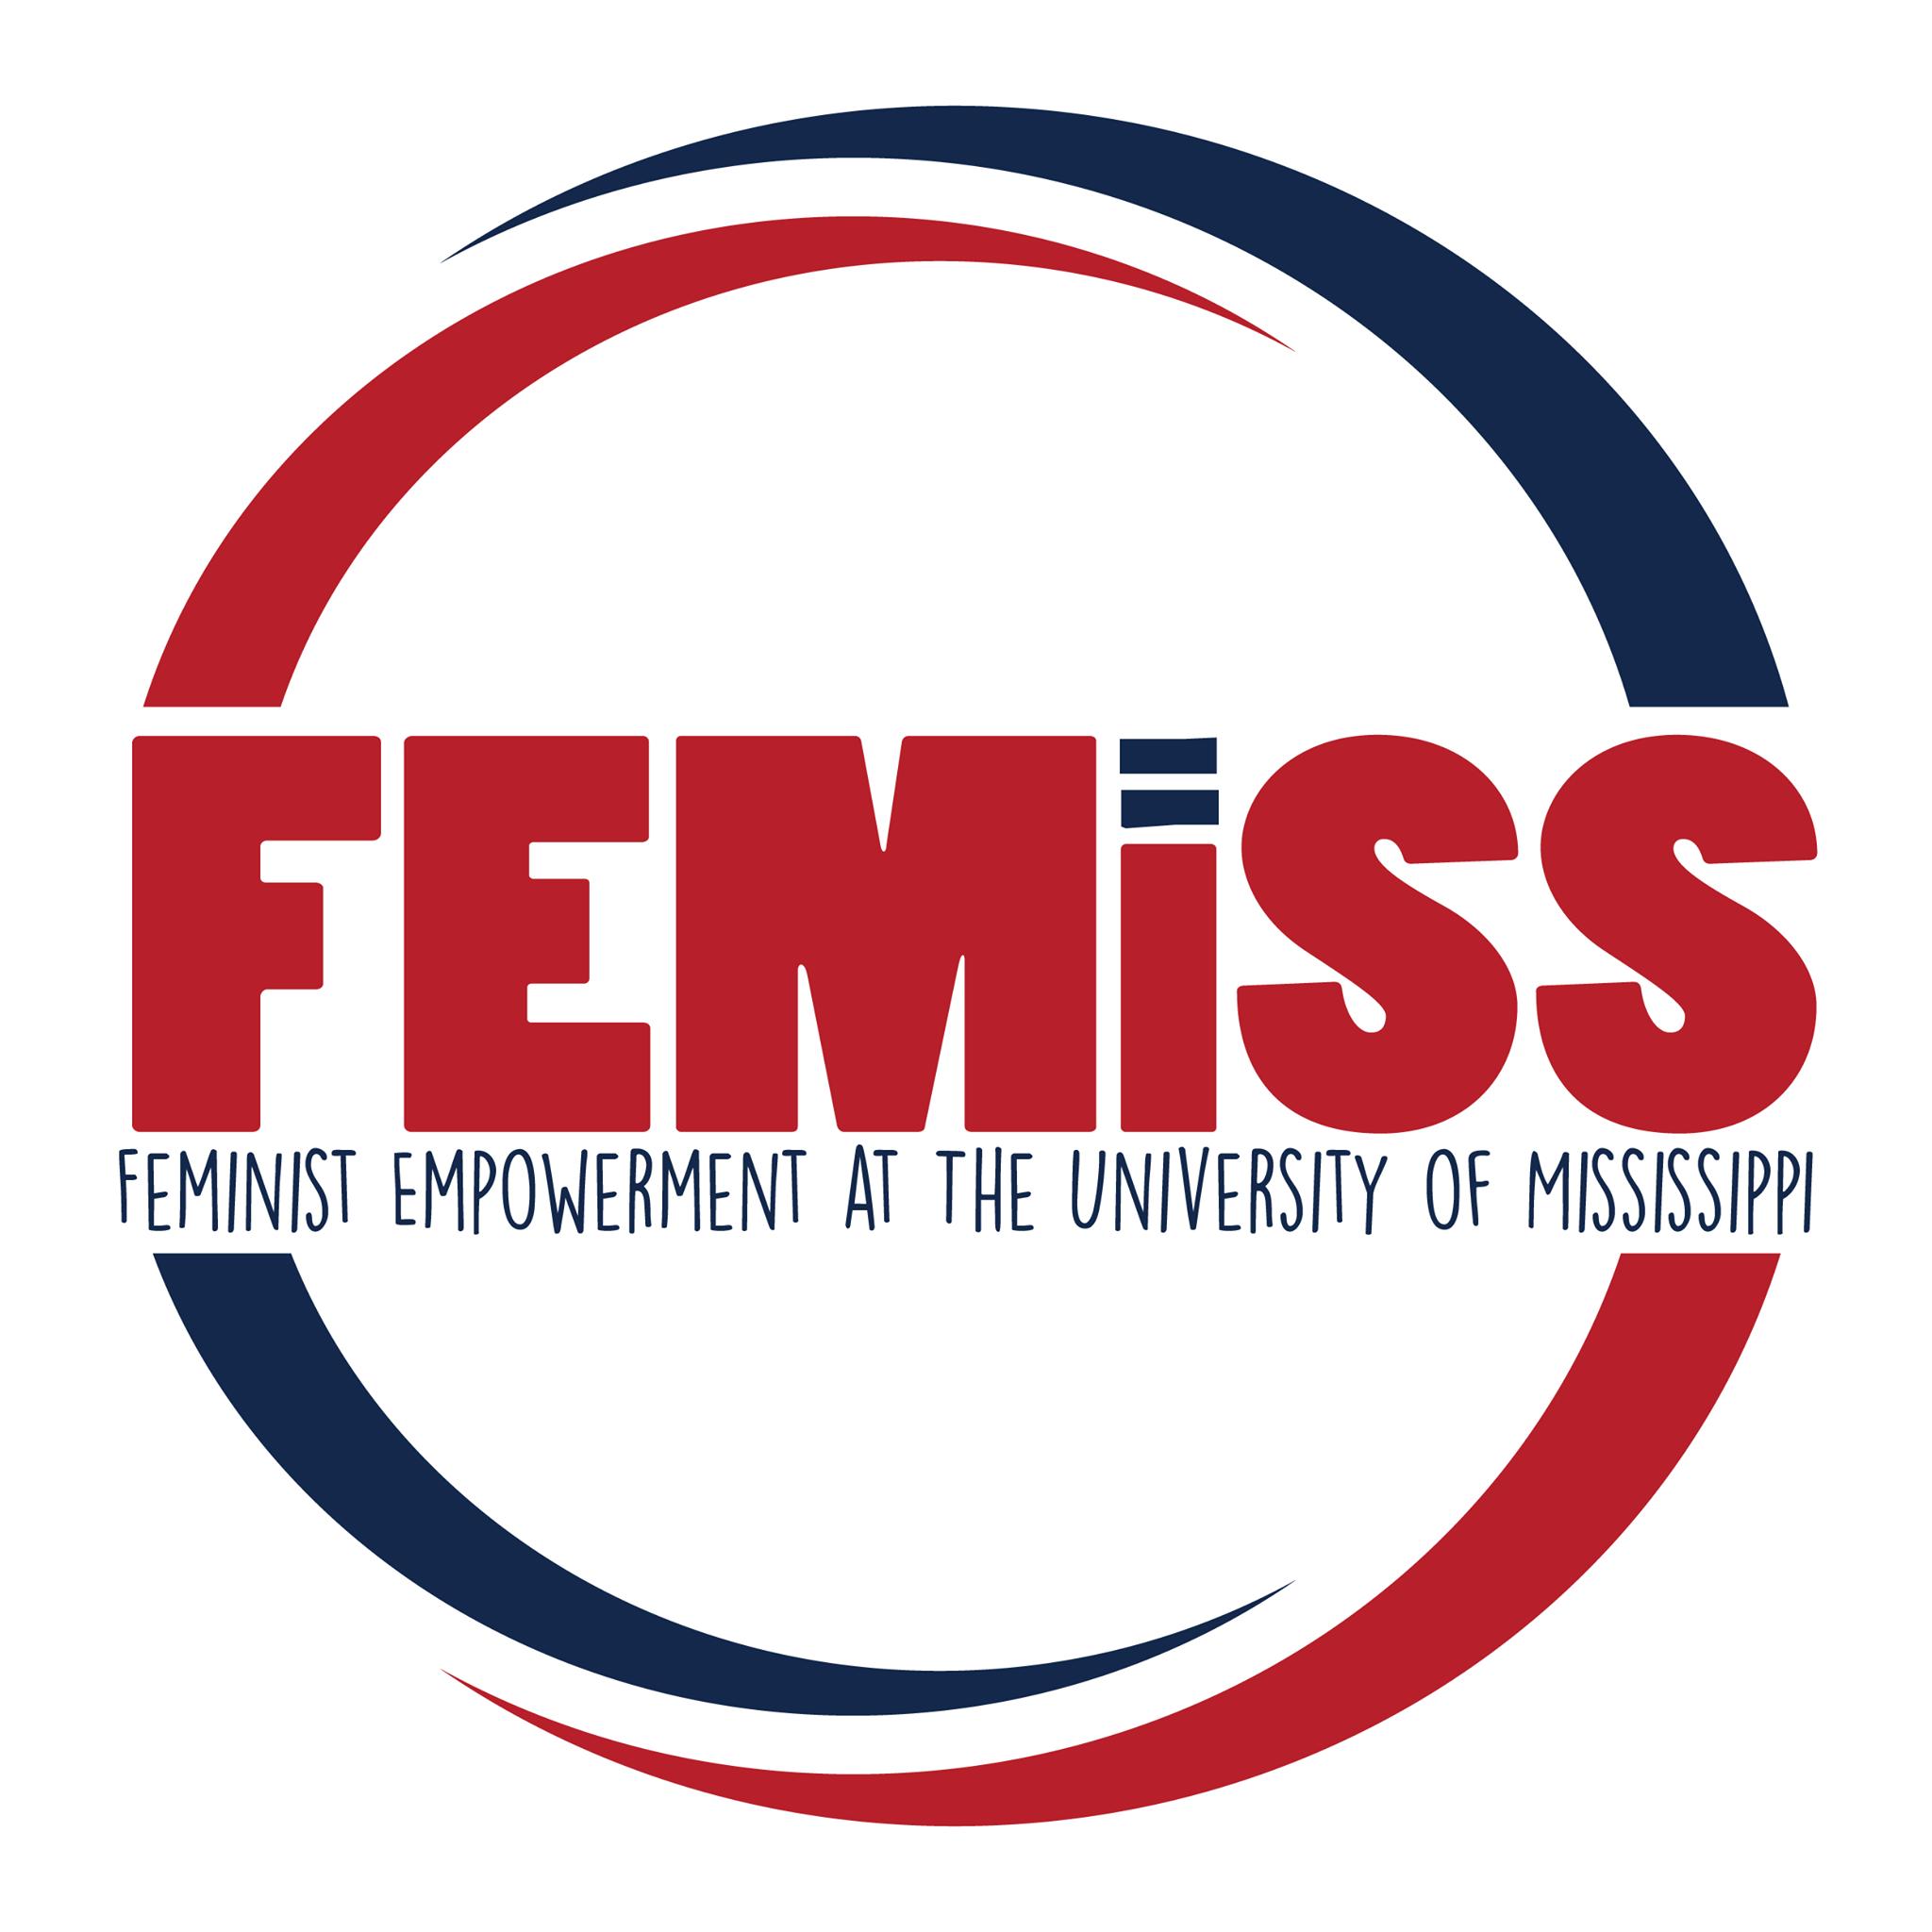 FEMISS